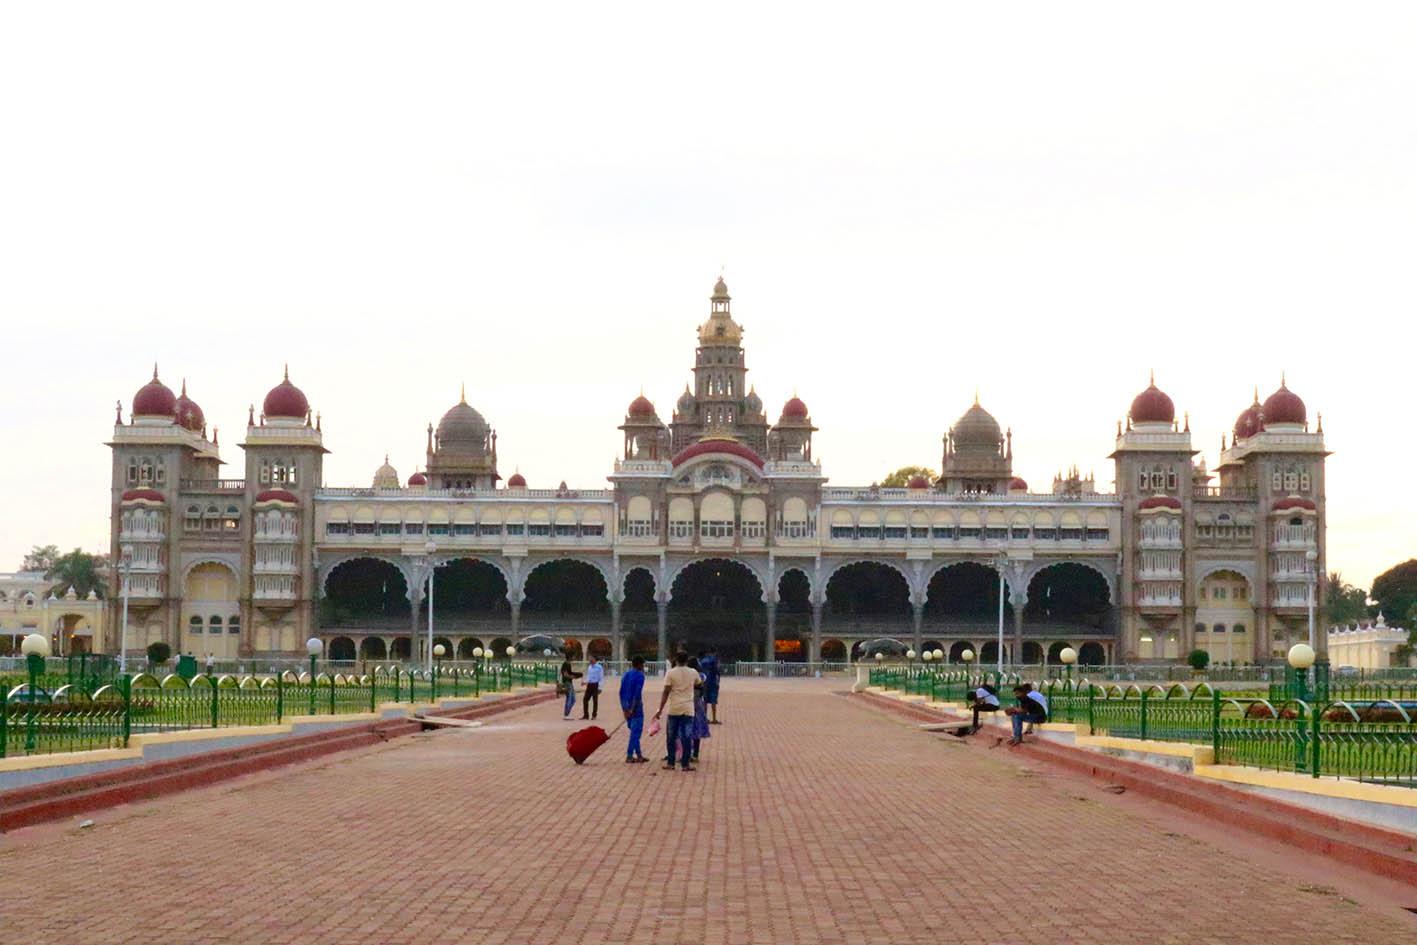 دومین بنای تاریخی پربازدید هند